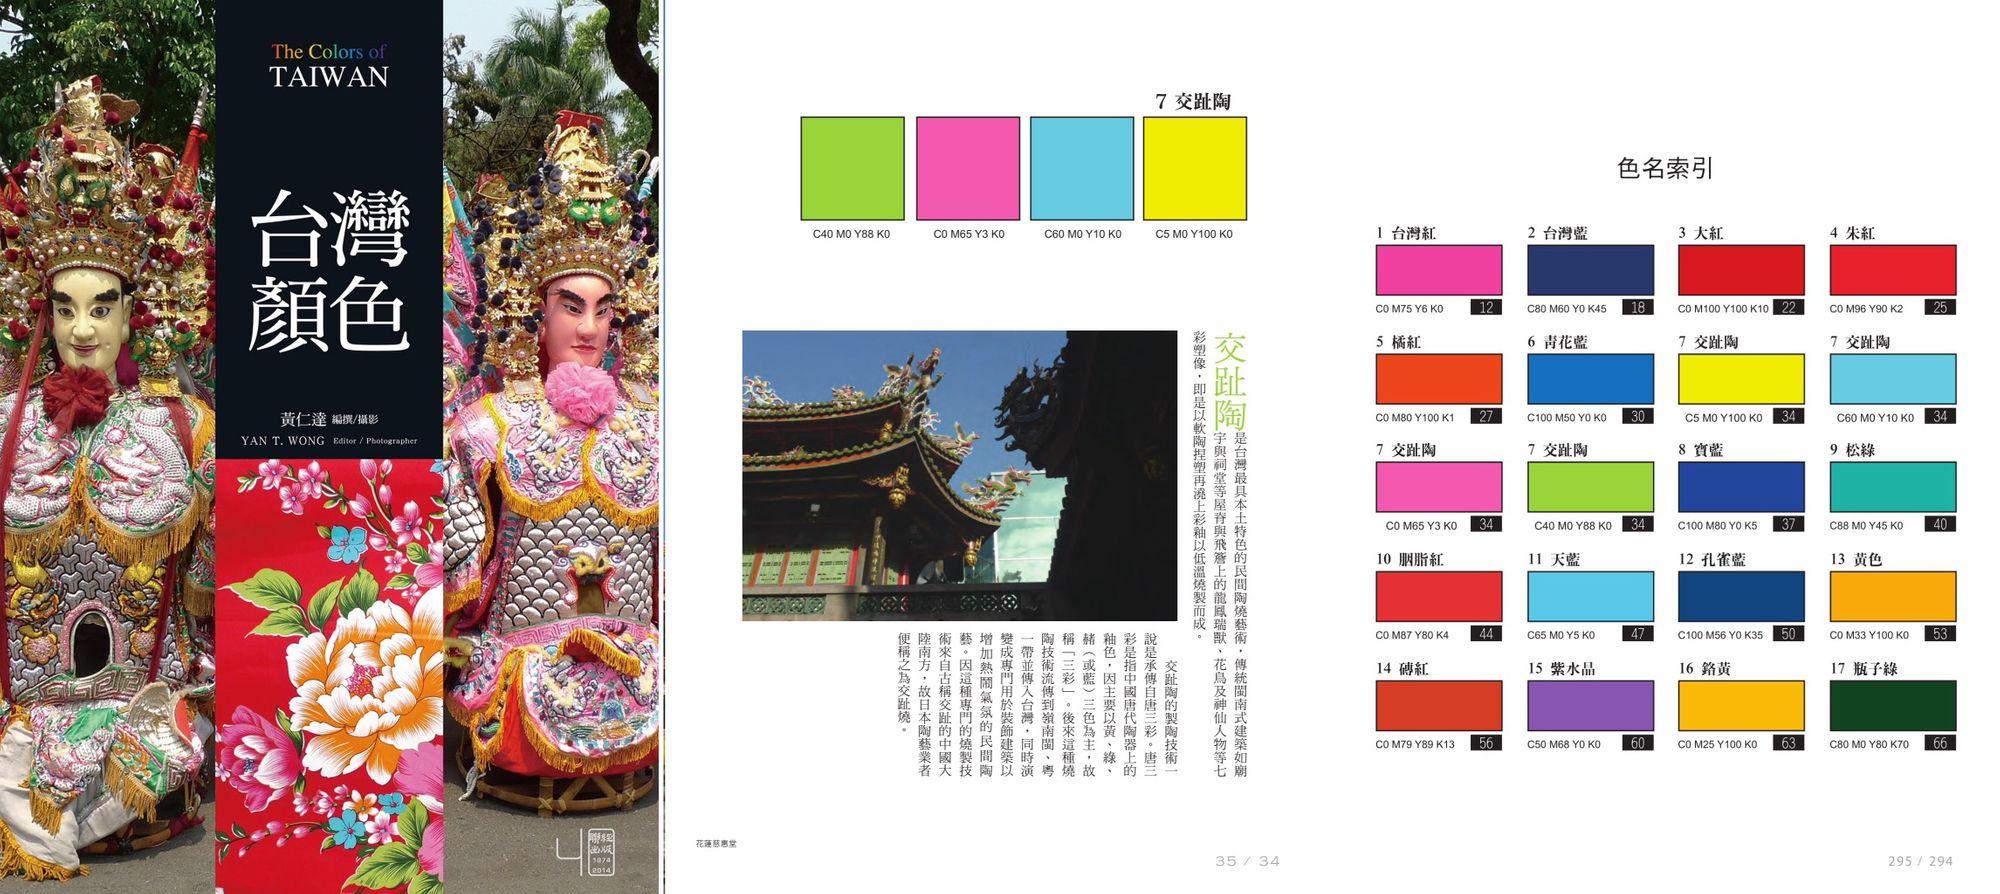 由黃仁達先生編撰,試圖從人文、自然、城市三大觀點來介紹 101 種台灣重要的顏色。